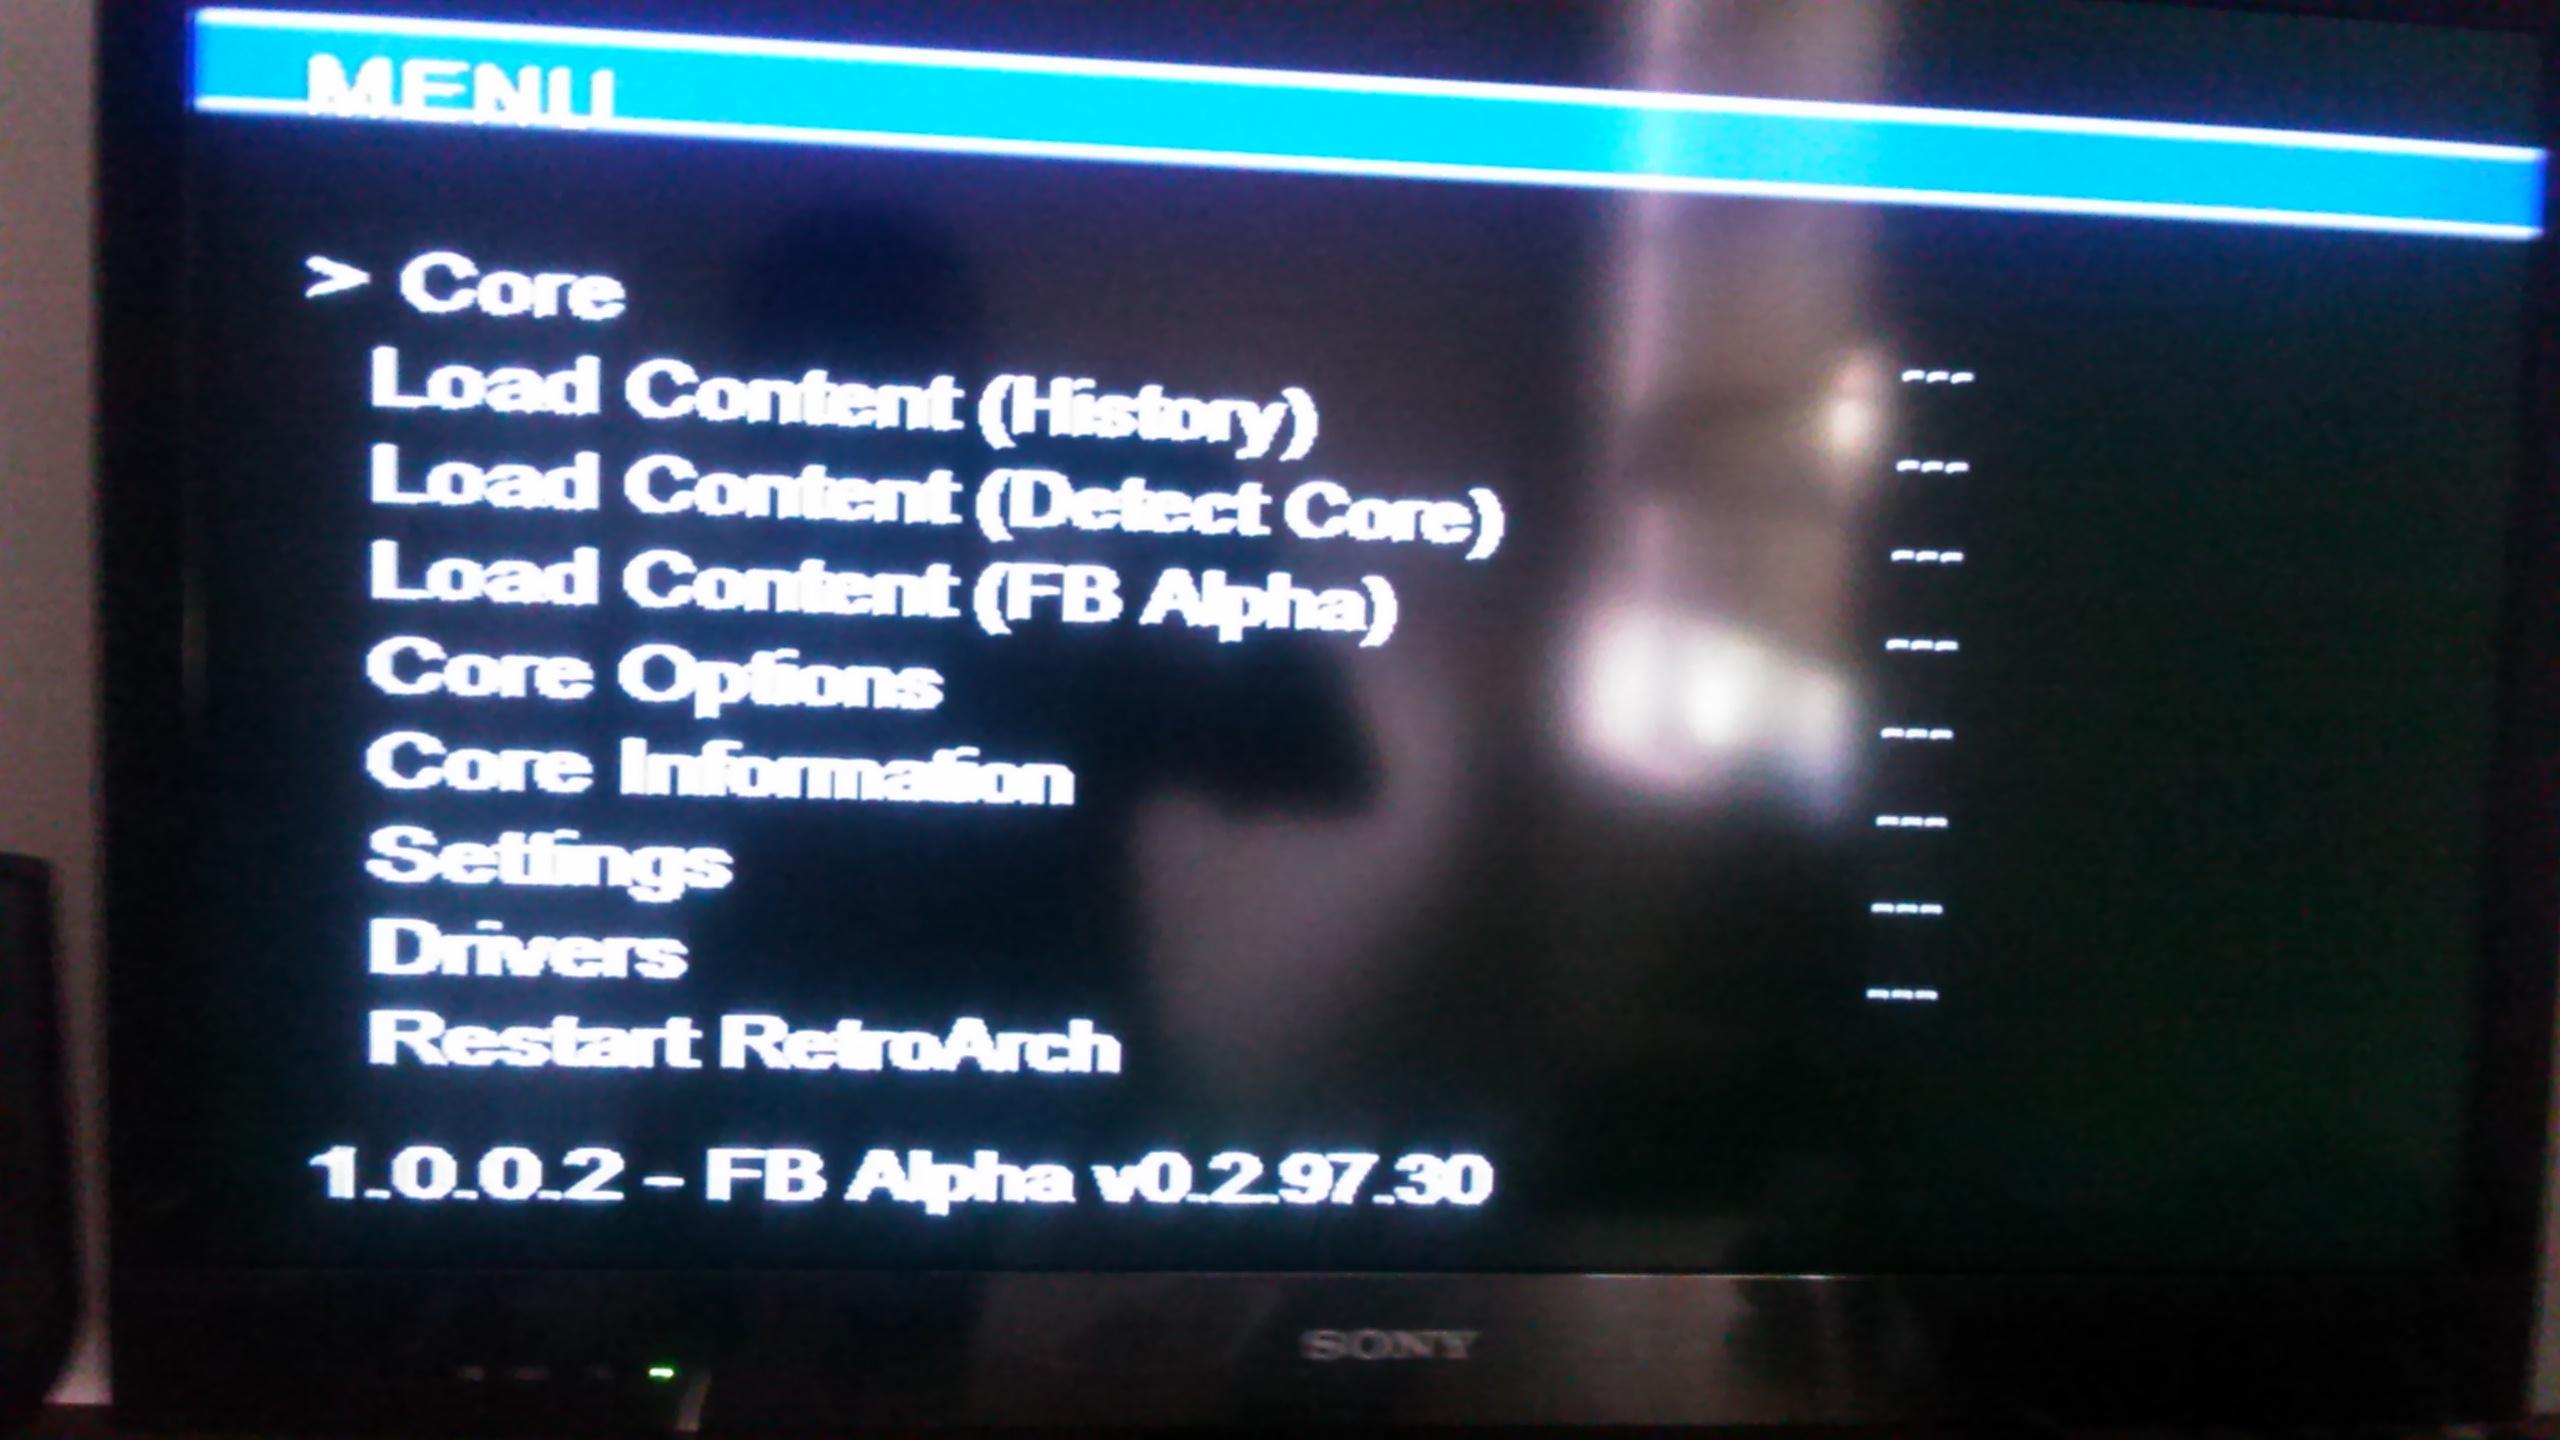 Retroarch 1 7 4 Xbox Video issue · Issue #7182 · libretro/RetroArch